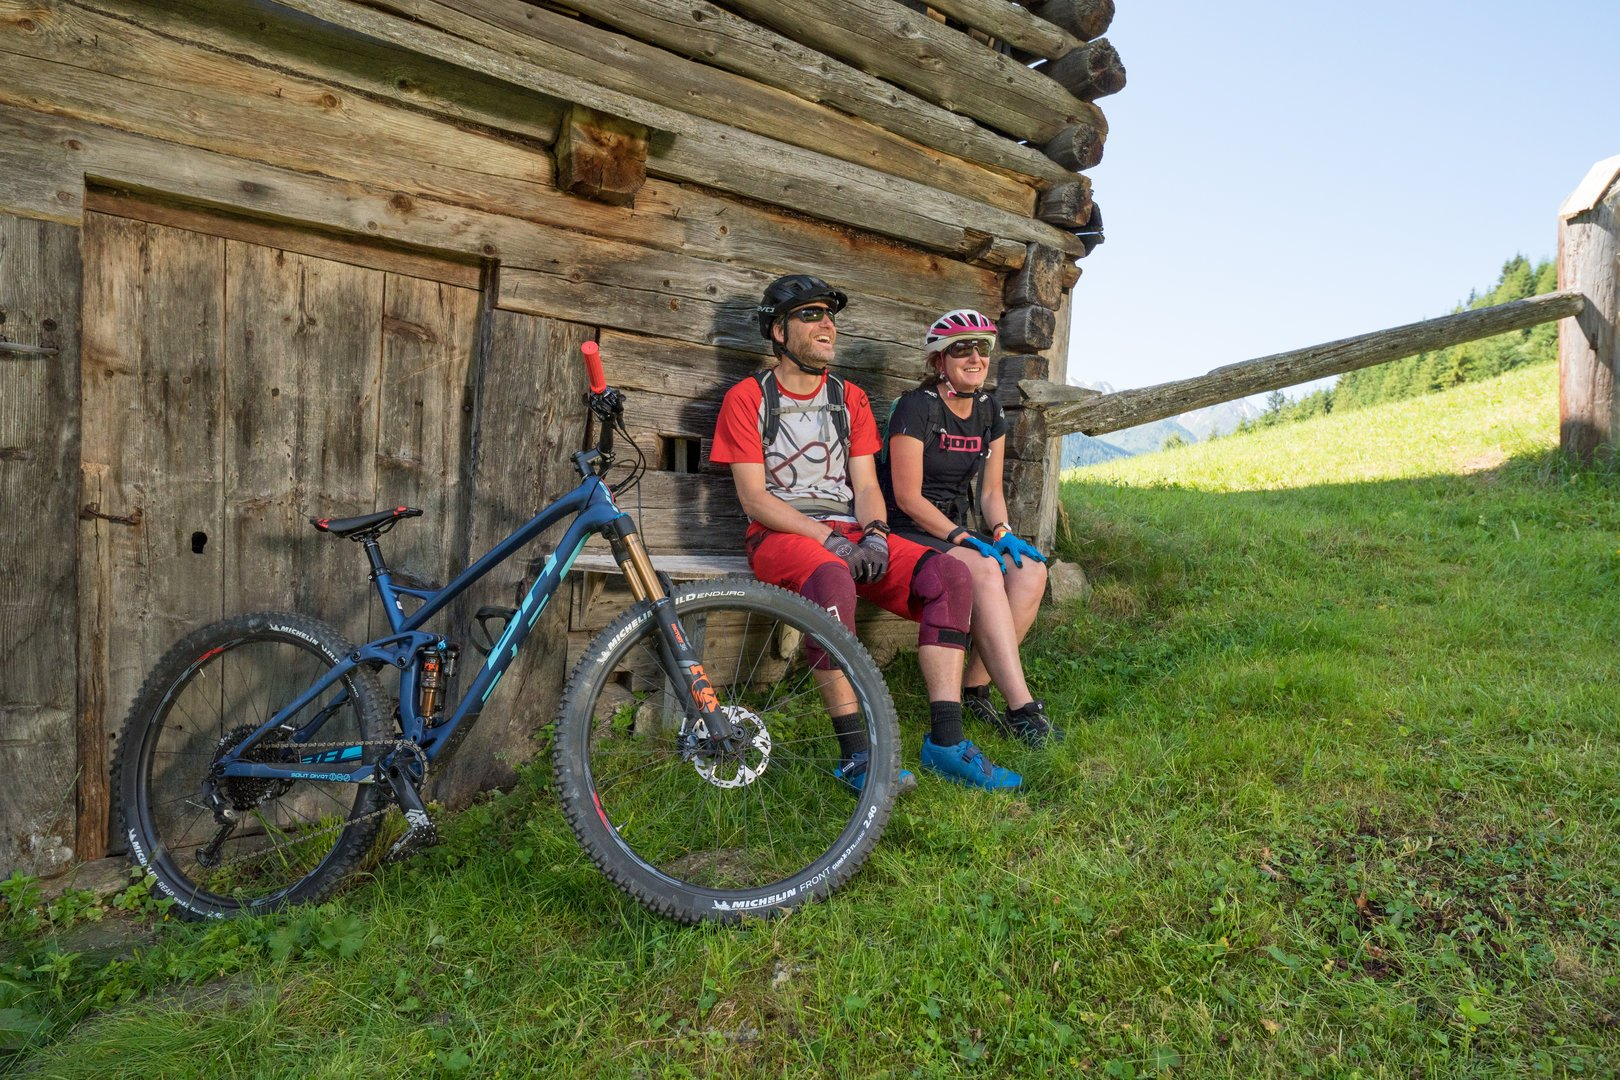 Ferienhaus-Spiss-Kappl-Ischgl-Paznauntal-Sommer-Mountainbiken